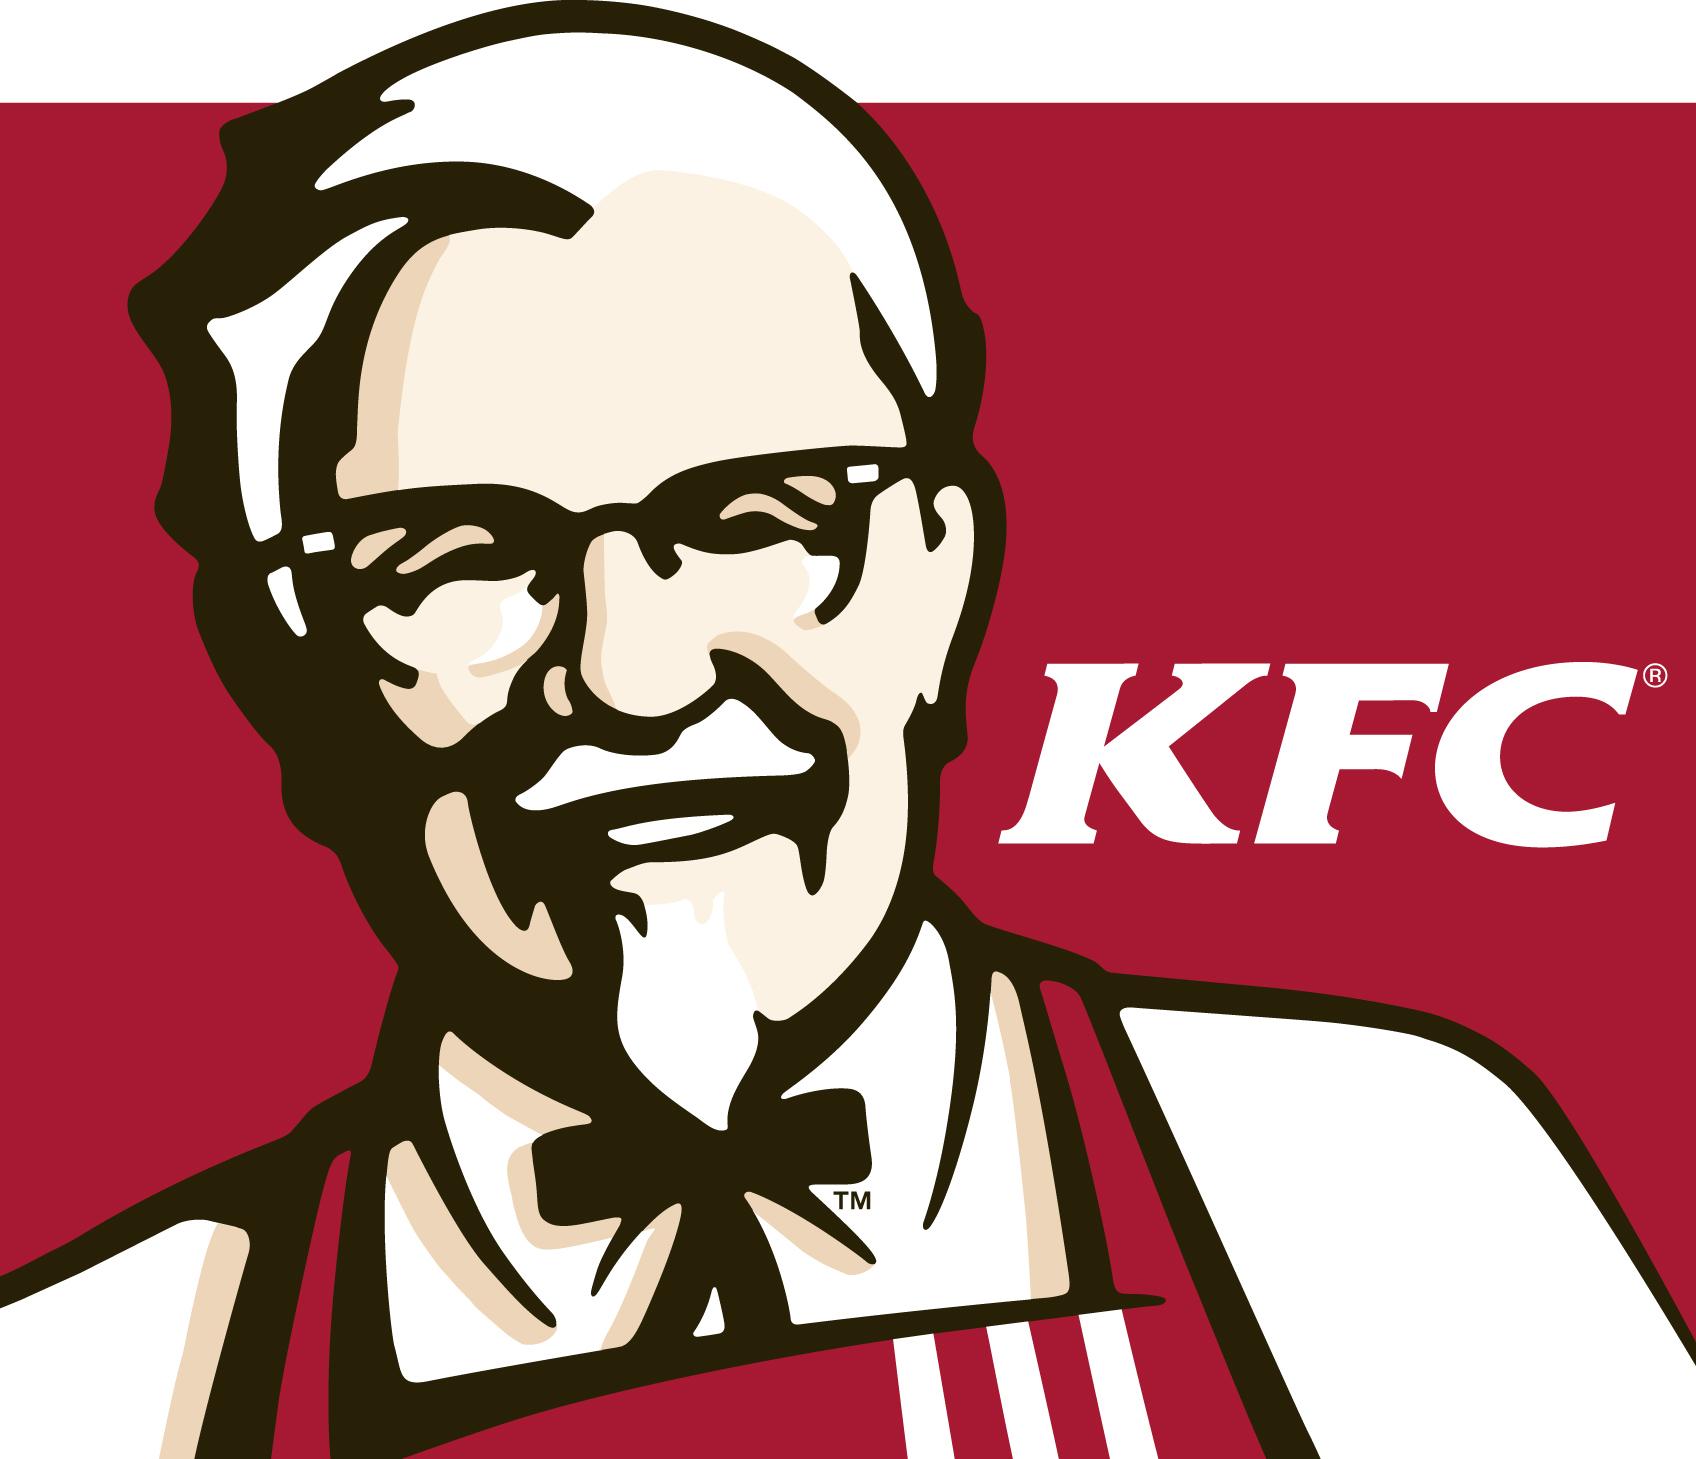 Sélection d'offres promotionnelles - Ex : i-twist Cheese offert (KFC Montivilliers - 76)